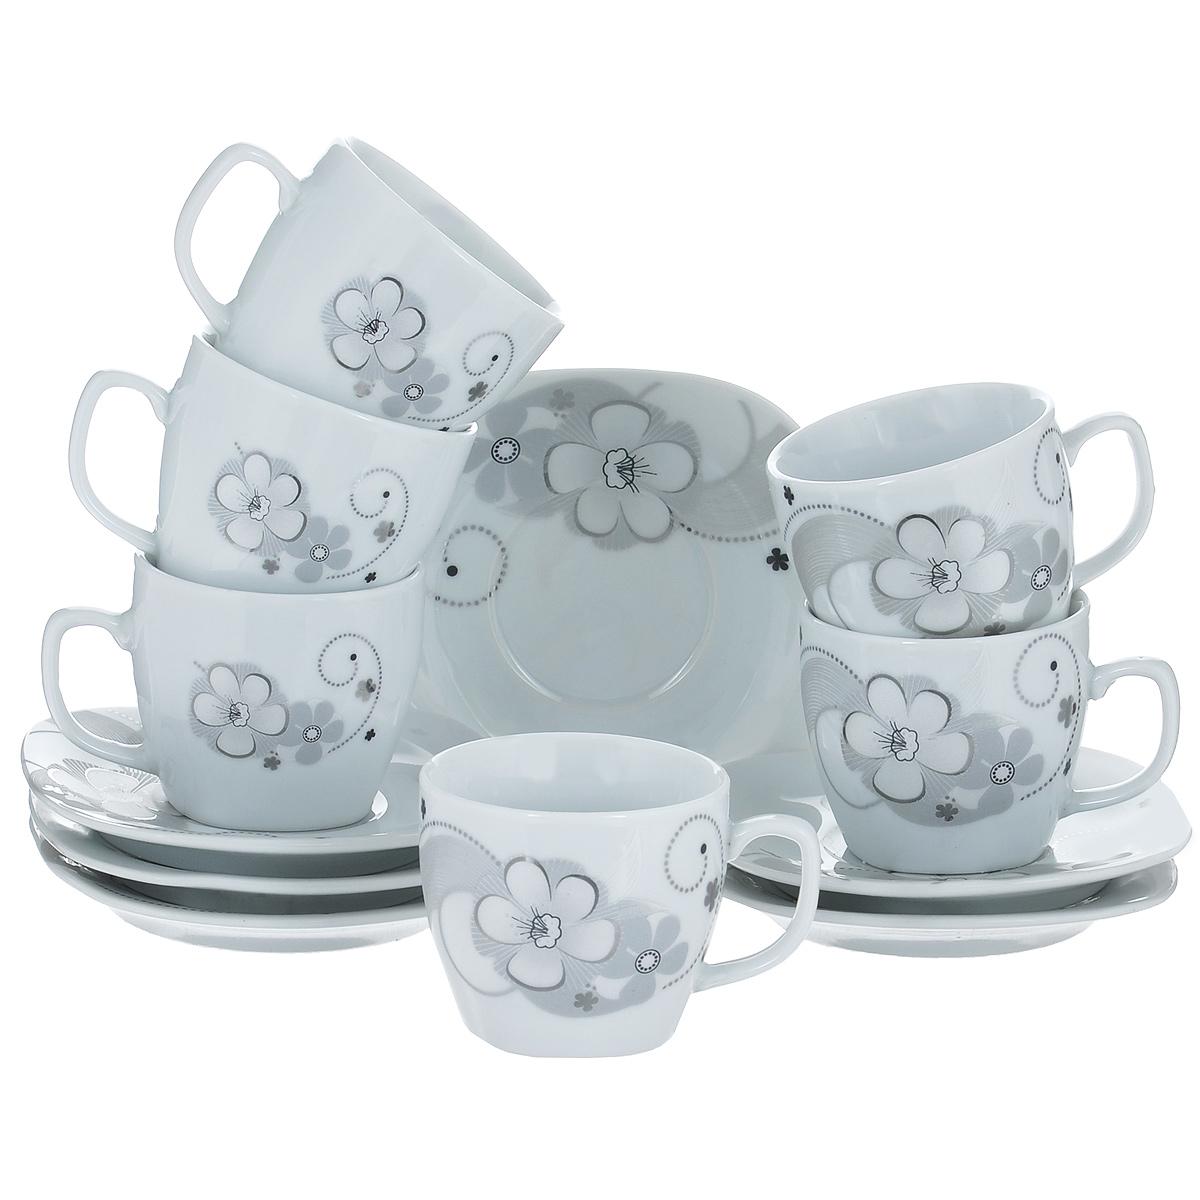 Набор кофейный Bekker, 12 предметов. BK-6813_Вид 1BK-6813_Вид 1Набор кофейный Bekker состоит из 6 чашек и 6 блюдец. Чашки и блюдца изготовлены из высококачественногофарфора с изображением цветов. Такой дизайн, несомненно, придется по вкусу и ценителям классики, и тем, ктопредпочитает утонченность и изящность.Набор кофейный на подставке Bekkerукрасит ваш кухонный стол, а также станет замечательным подарком клюбому празднику.Набор упакован в подарочную коробку из плотного цветного картона. Внутренняя часть коробки задрапированабелой атласной тканью, и каждый предмет надежно крепится в определенном положении благодаря особымвыемкам в коробке.Можно мыть в посудомоечной машине.Объем чашки: 95 мл. Размер блюдца: 11,4 х 11,4 см.